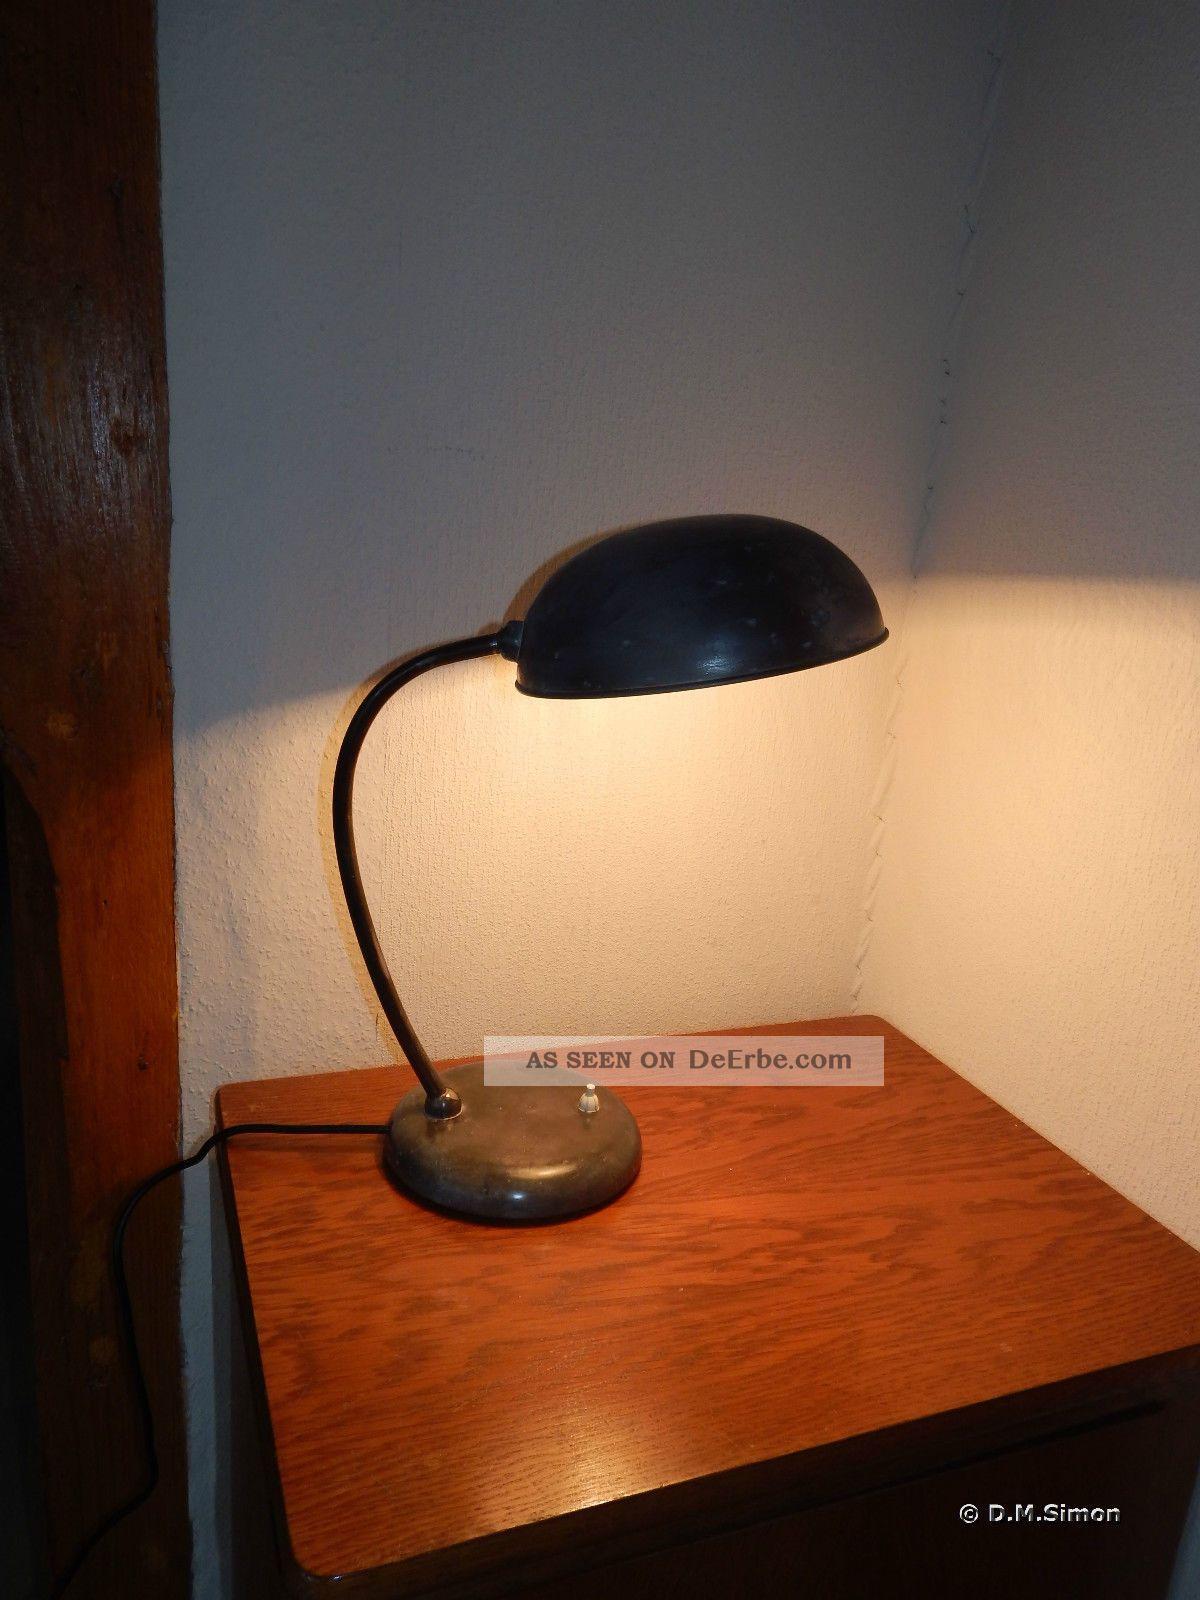 Schreibtischlampe Tischleuchte Lampe Leuchtetischlampe 30er Art Deco Bauhaus 1920-1949, Art Déco Bild